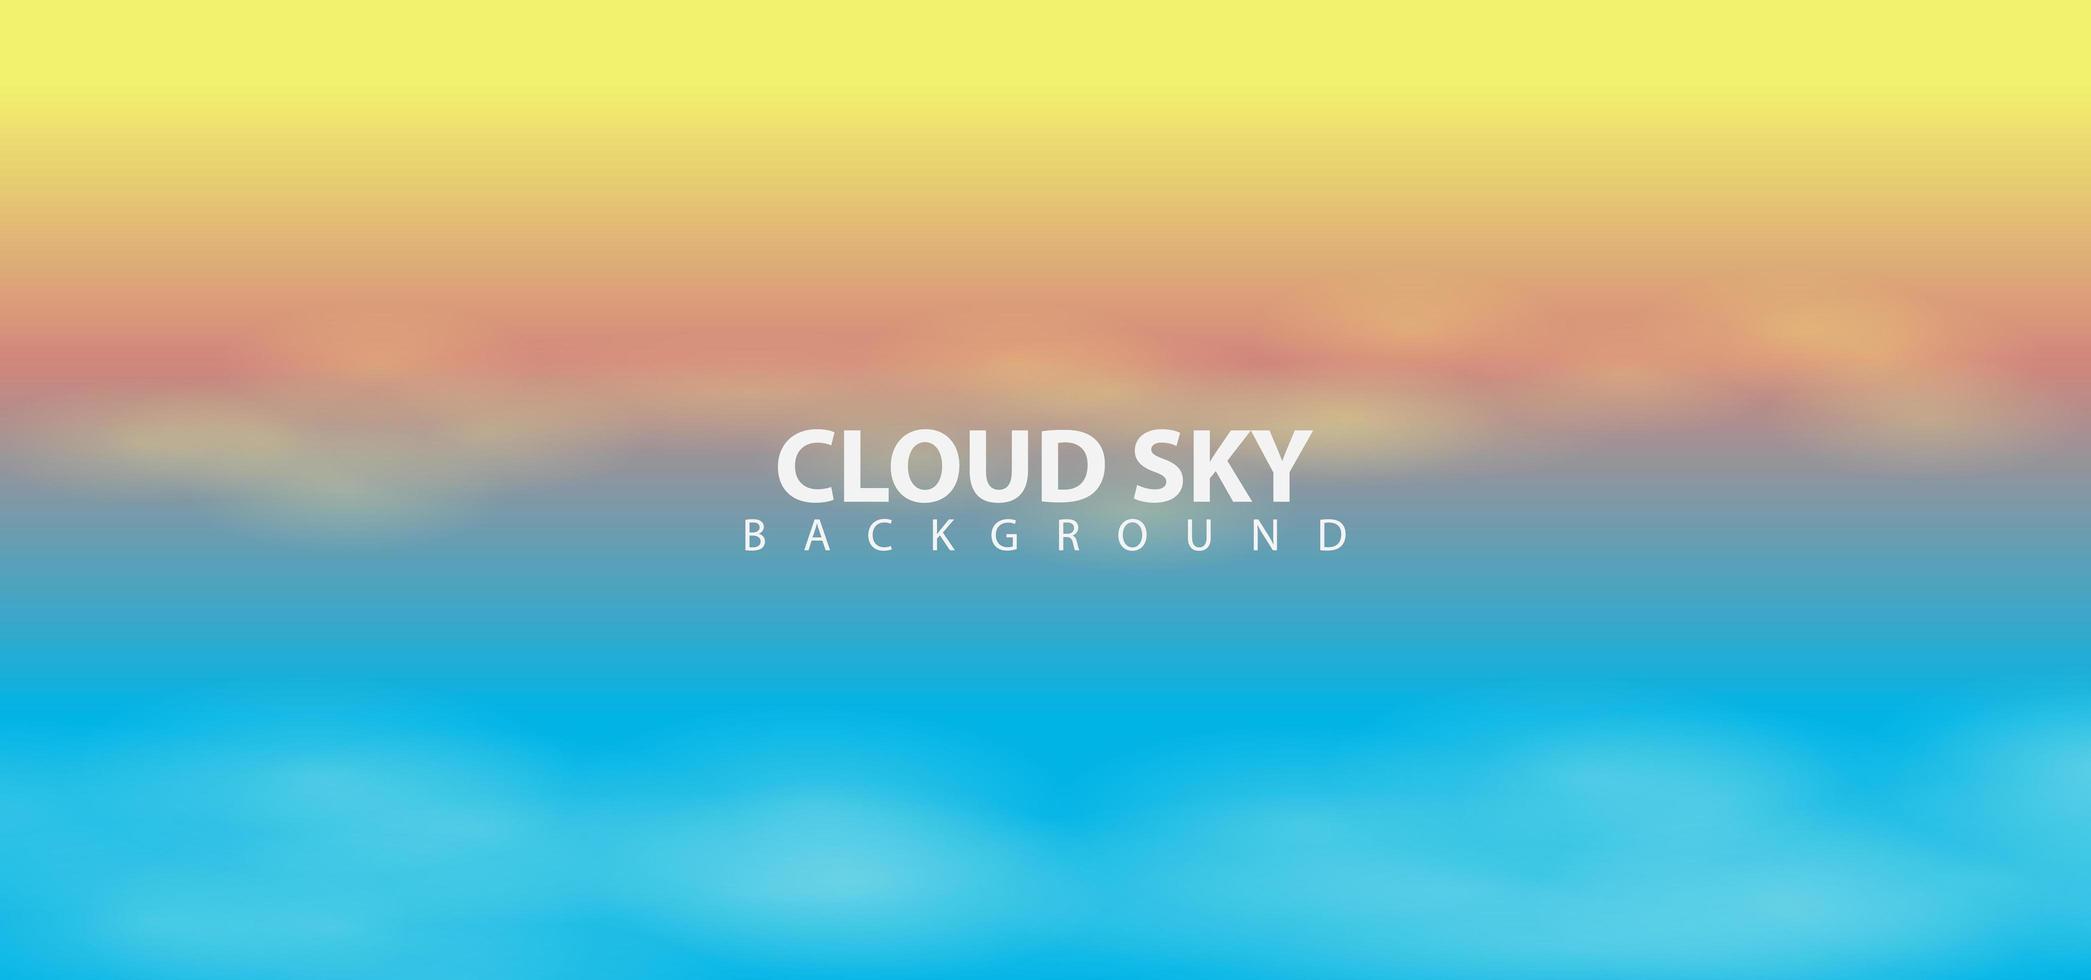 modèle de fond de ciel nuages conception coucher de soleil vecteur